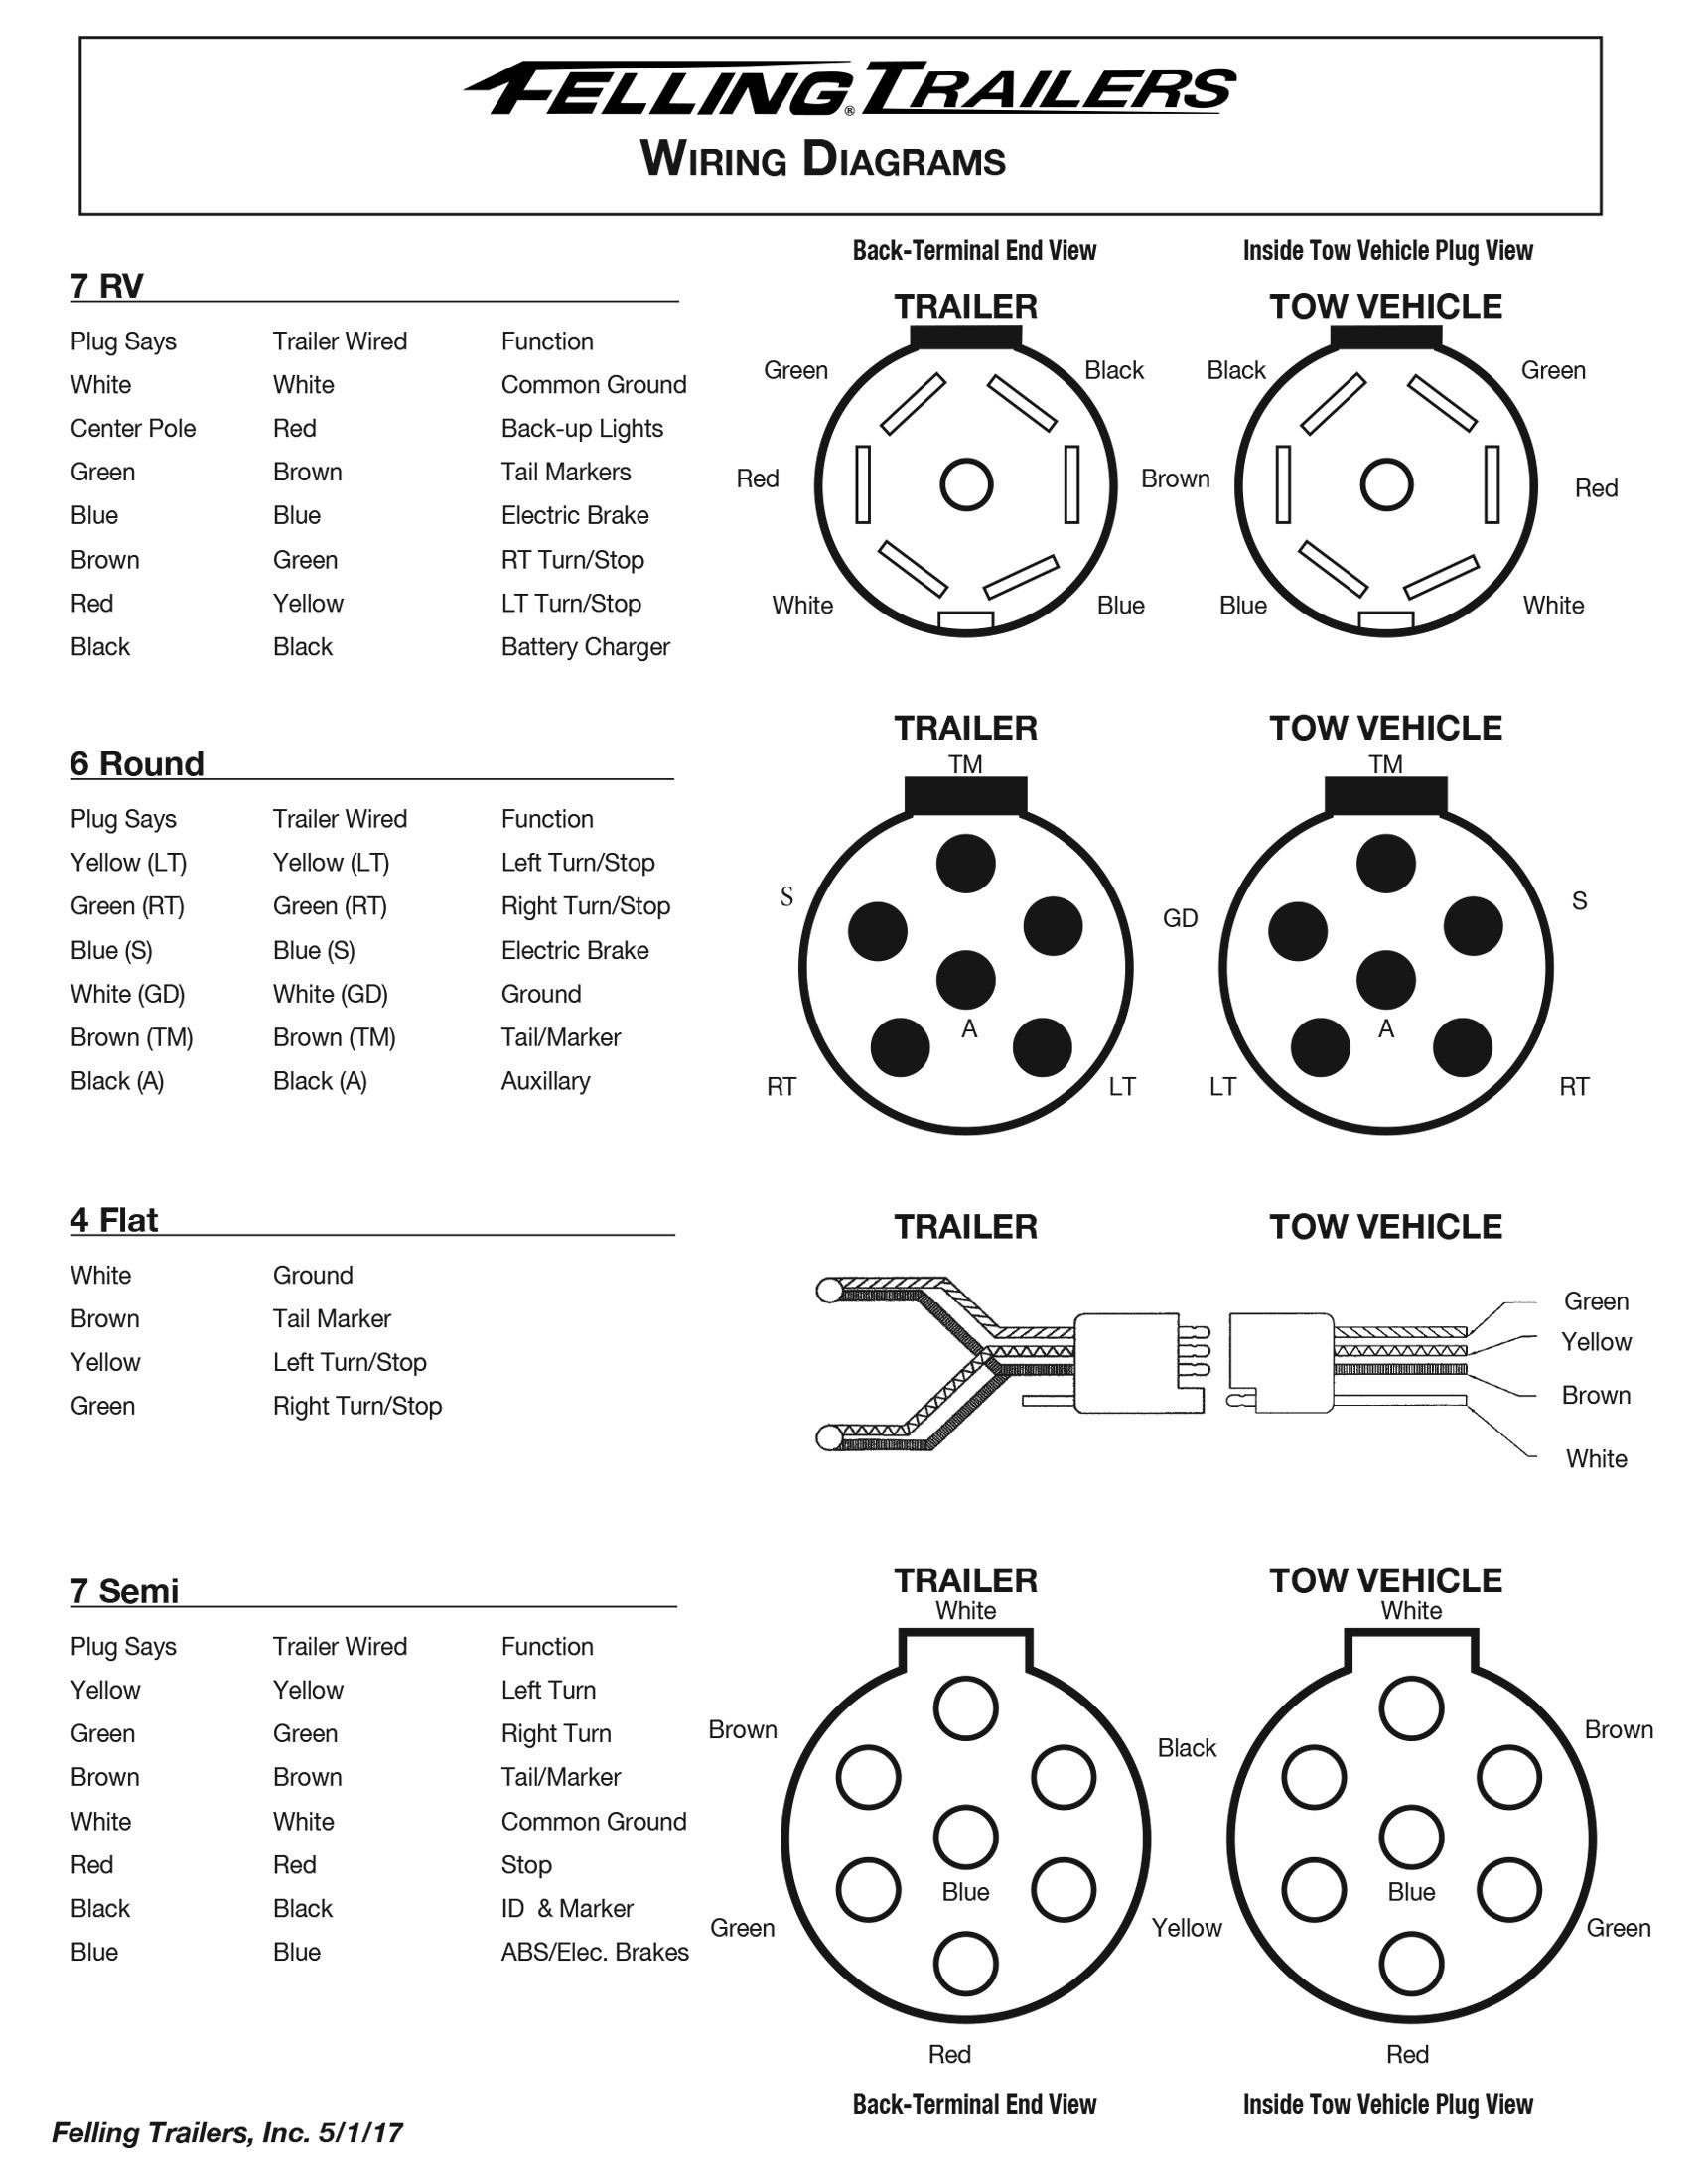 7 Round Wiring Diagram : round, wiring, diagram, DIAGRAM], Round, Trailer, Wiring, Diagram, Commercial, Version, Quality, CURCUITDIAGRAMS.VERITAPERALDRO.IT